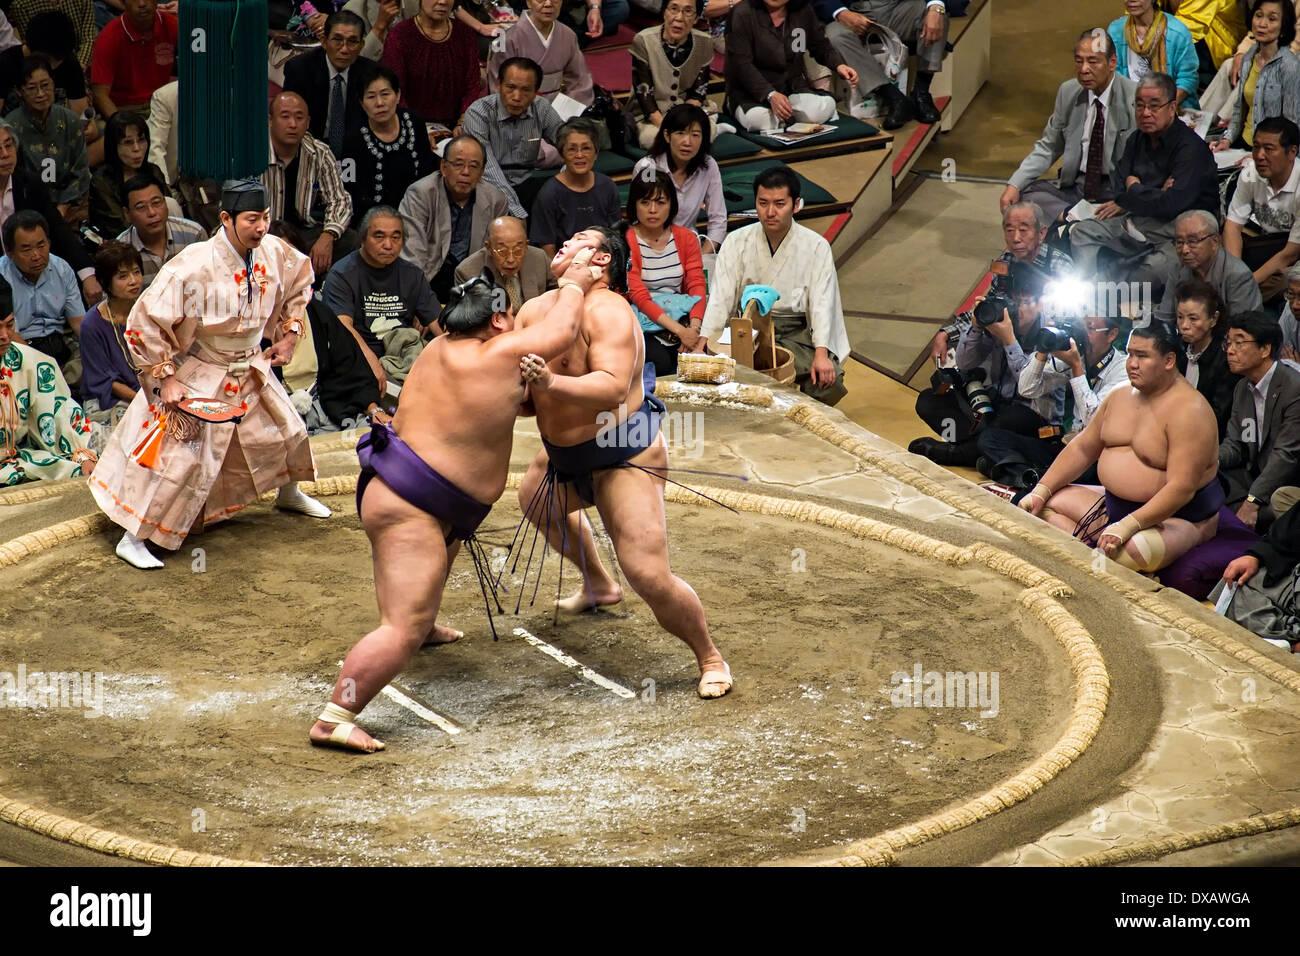 Lottatori di Sumo lotta nel wrestling ring a 2013 Settembre Grandi Campionati di Sumo al Ryogoku Kokugikan, Tokyo, Giappone Immagini Stock